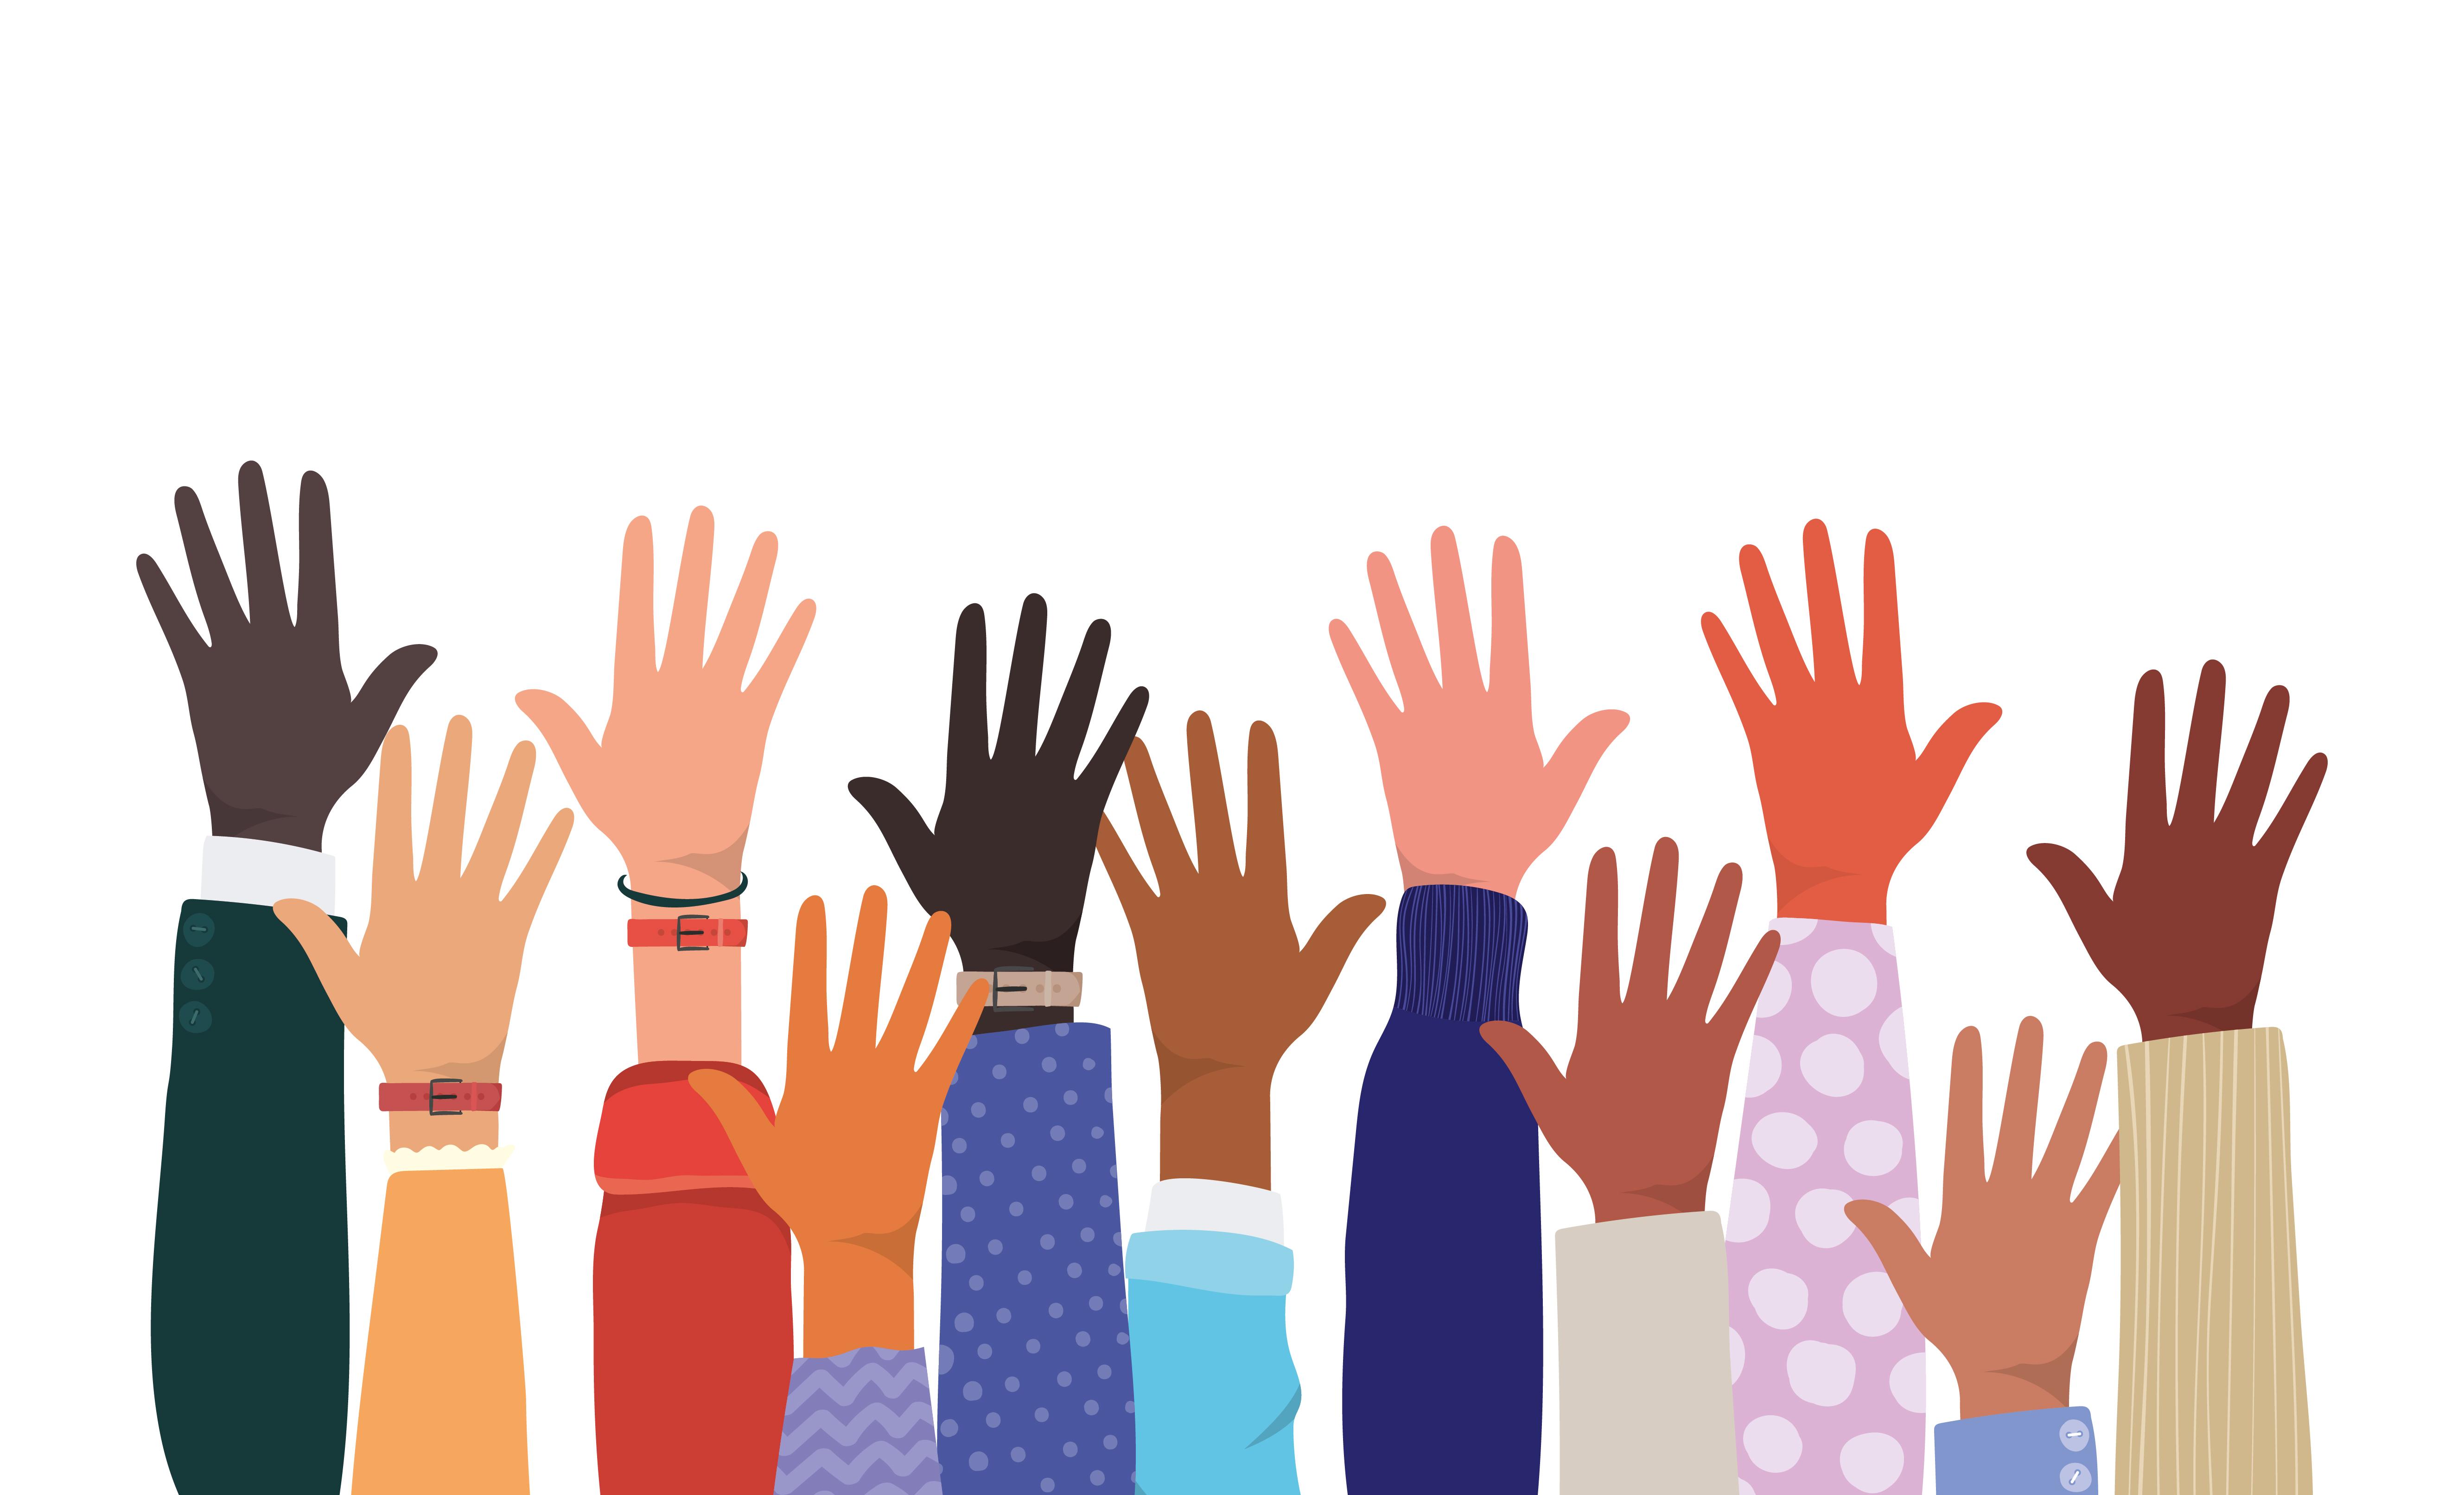 #PraCegoVer: Ilustração mostra braços com mãos para cima. As mãos têm diferentes tons de pele; os braços estão coberto com mangas de roupas em diversas cores e estampas. Nos pulsos de alguns braços há relógios ou pulseiras.